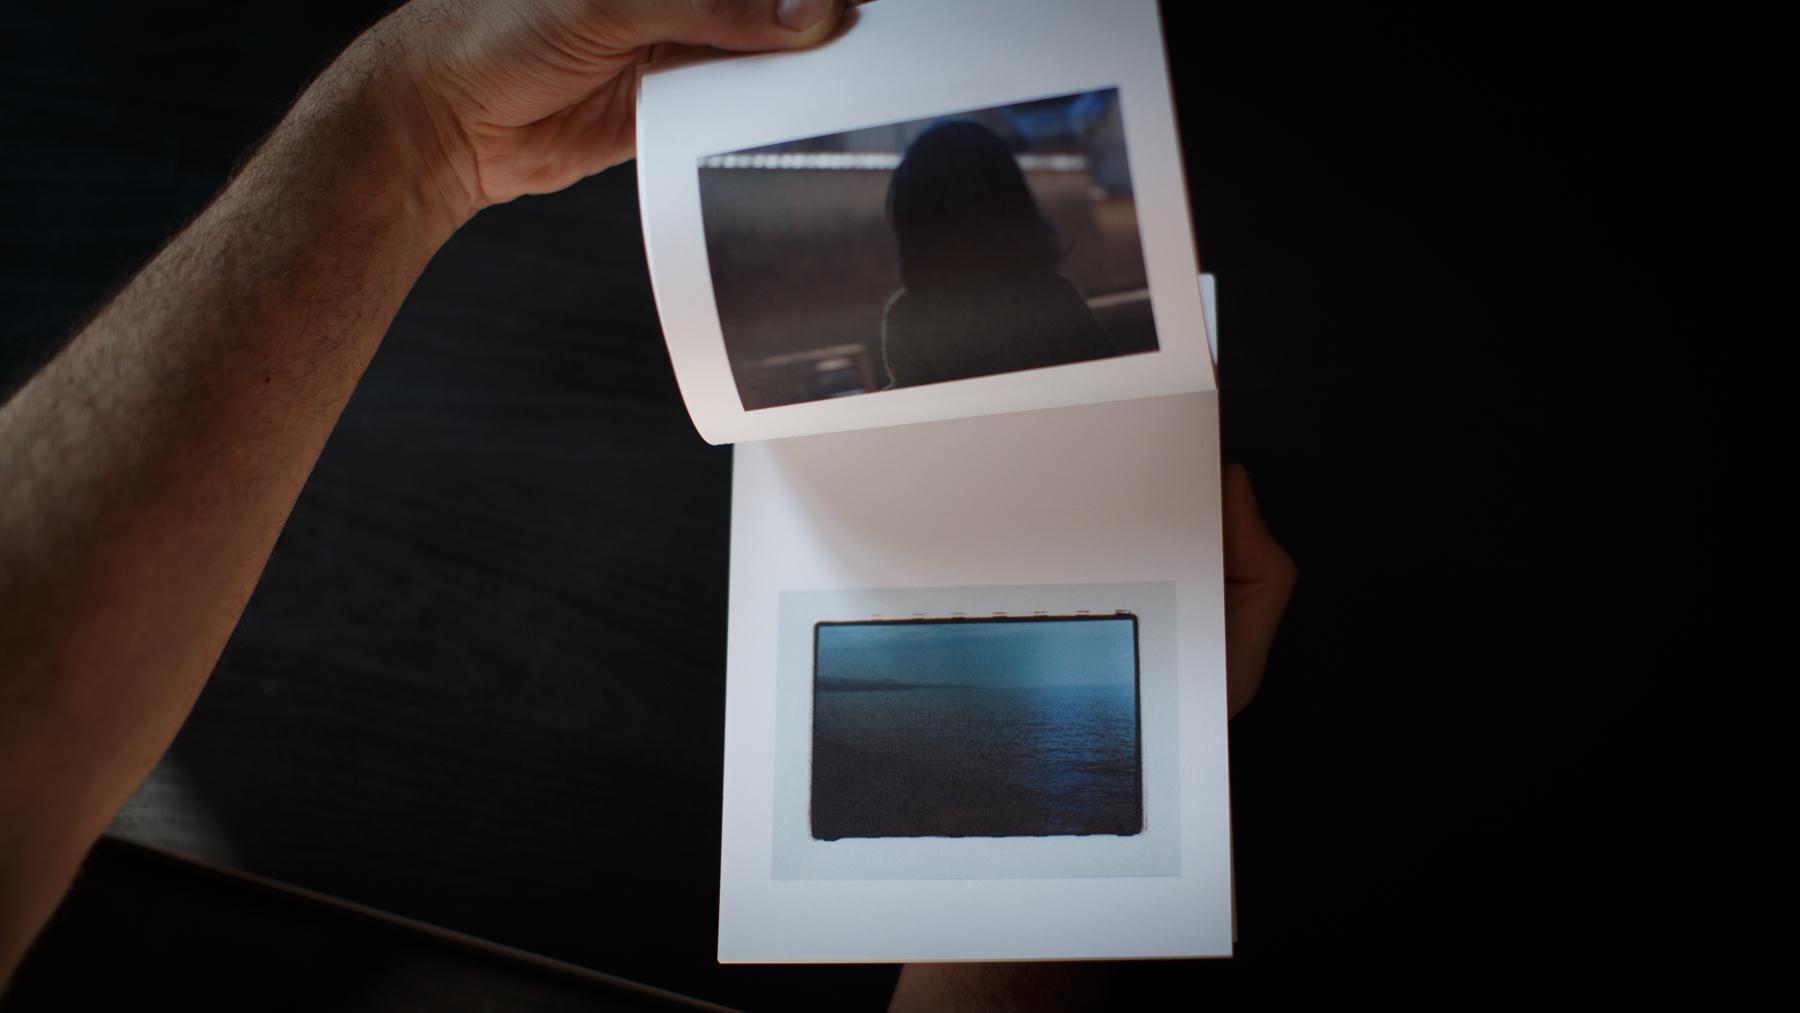 livro_ponte_dourada_sobre_rio_noturno-23.jpg